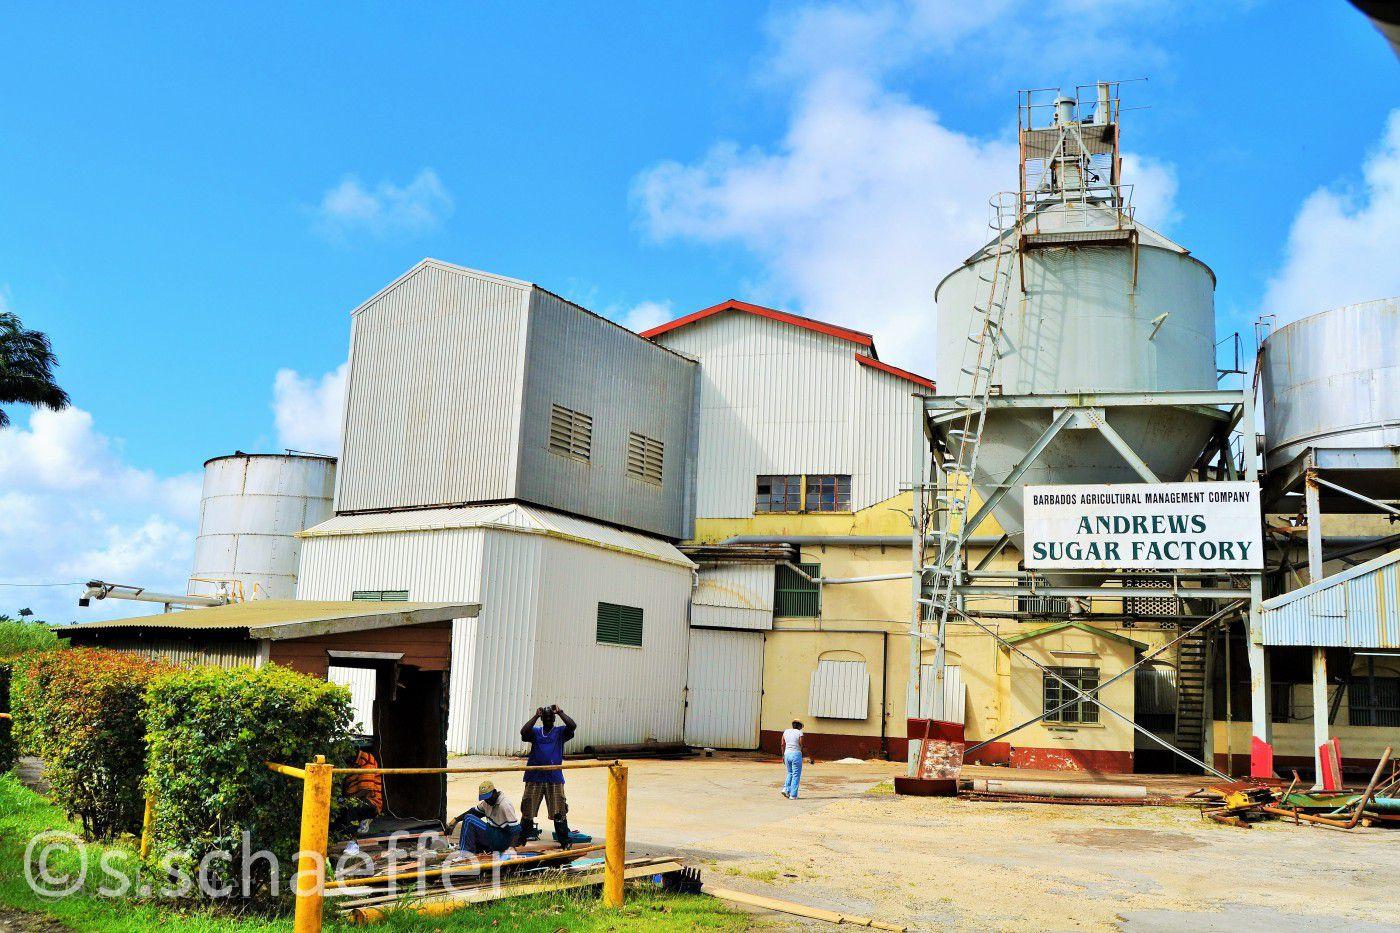 Barbados: Sugar Factory